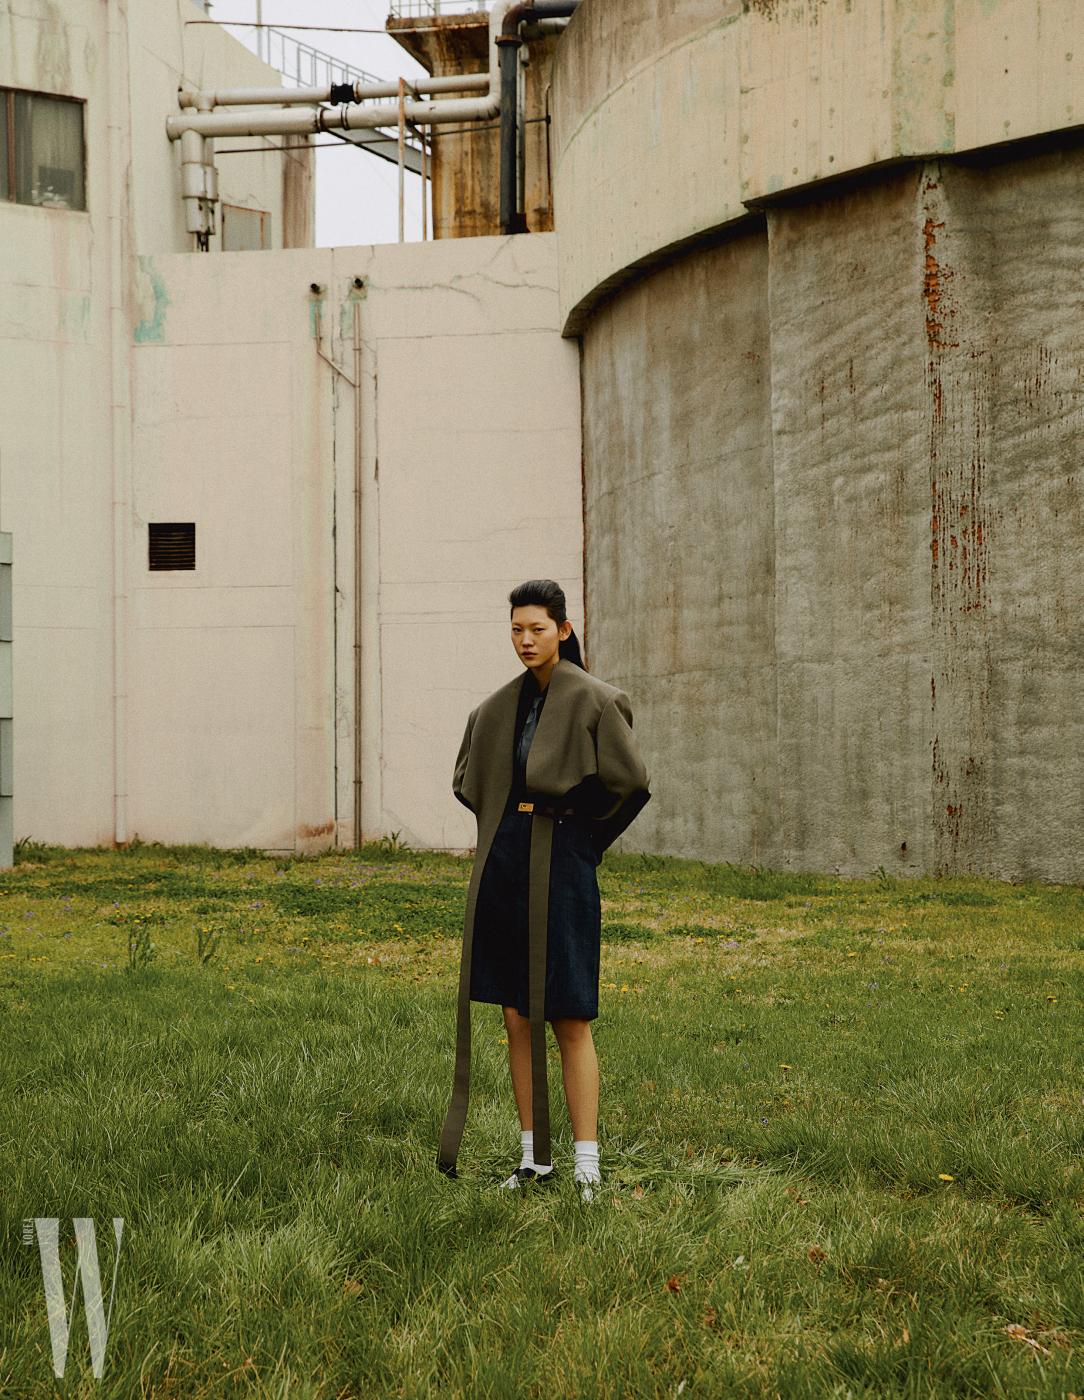 테일이 길게 떨어지는 재킷, 안에 입은 셔츠, 갈색 벨트는 셀린, 데님 팬츠는 코스 제품. 가죽 타이는 에디터 소장품.